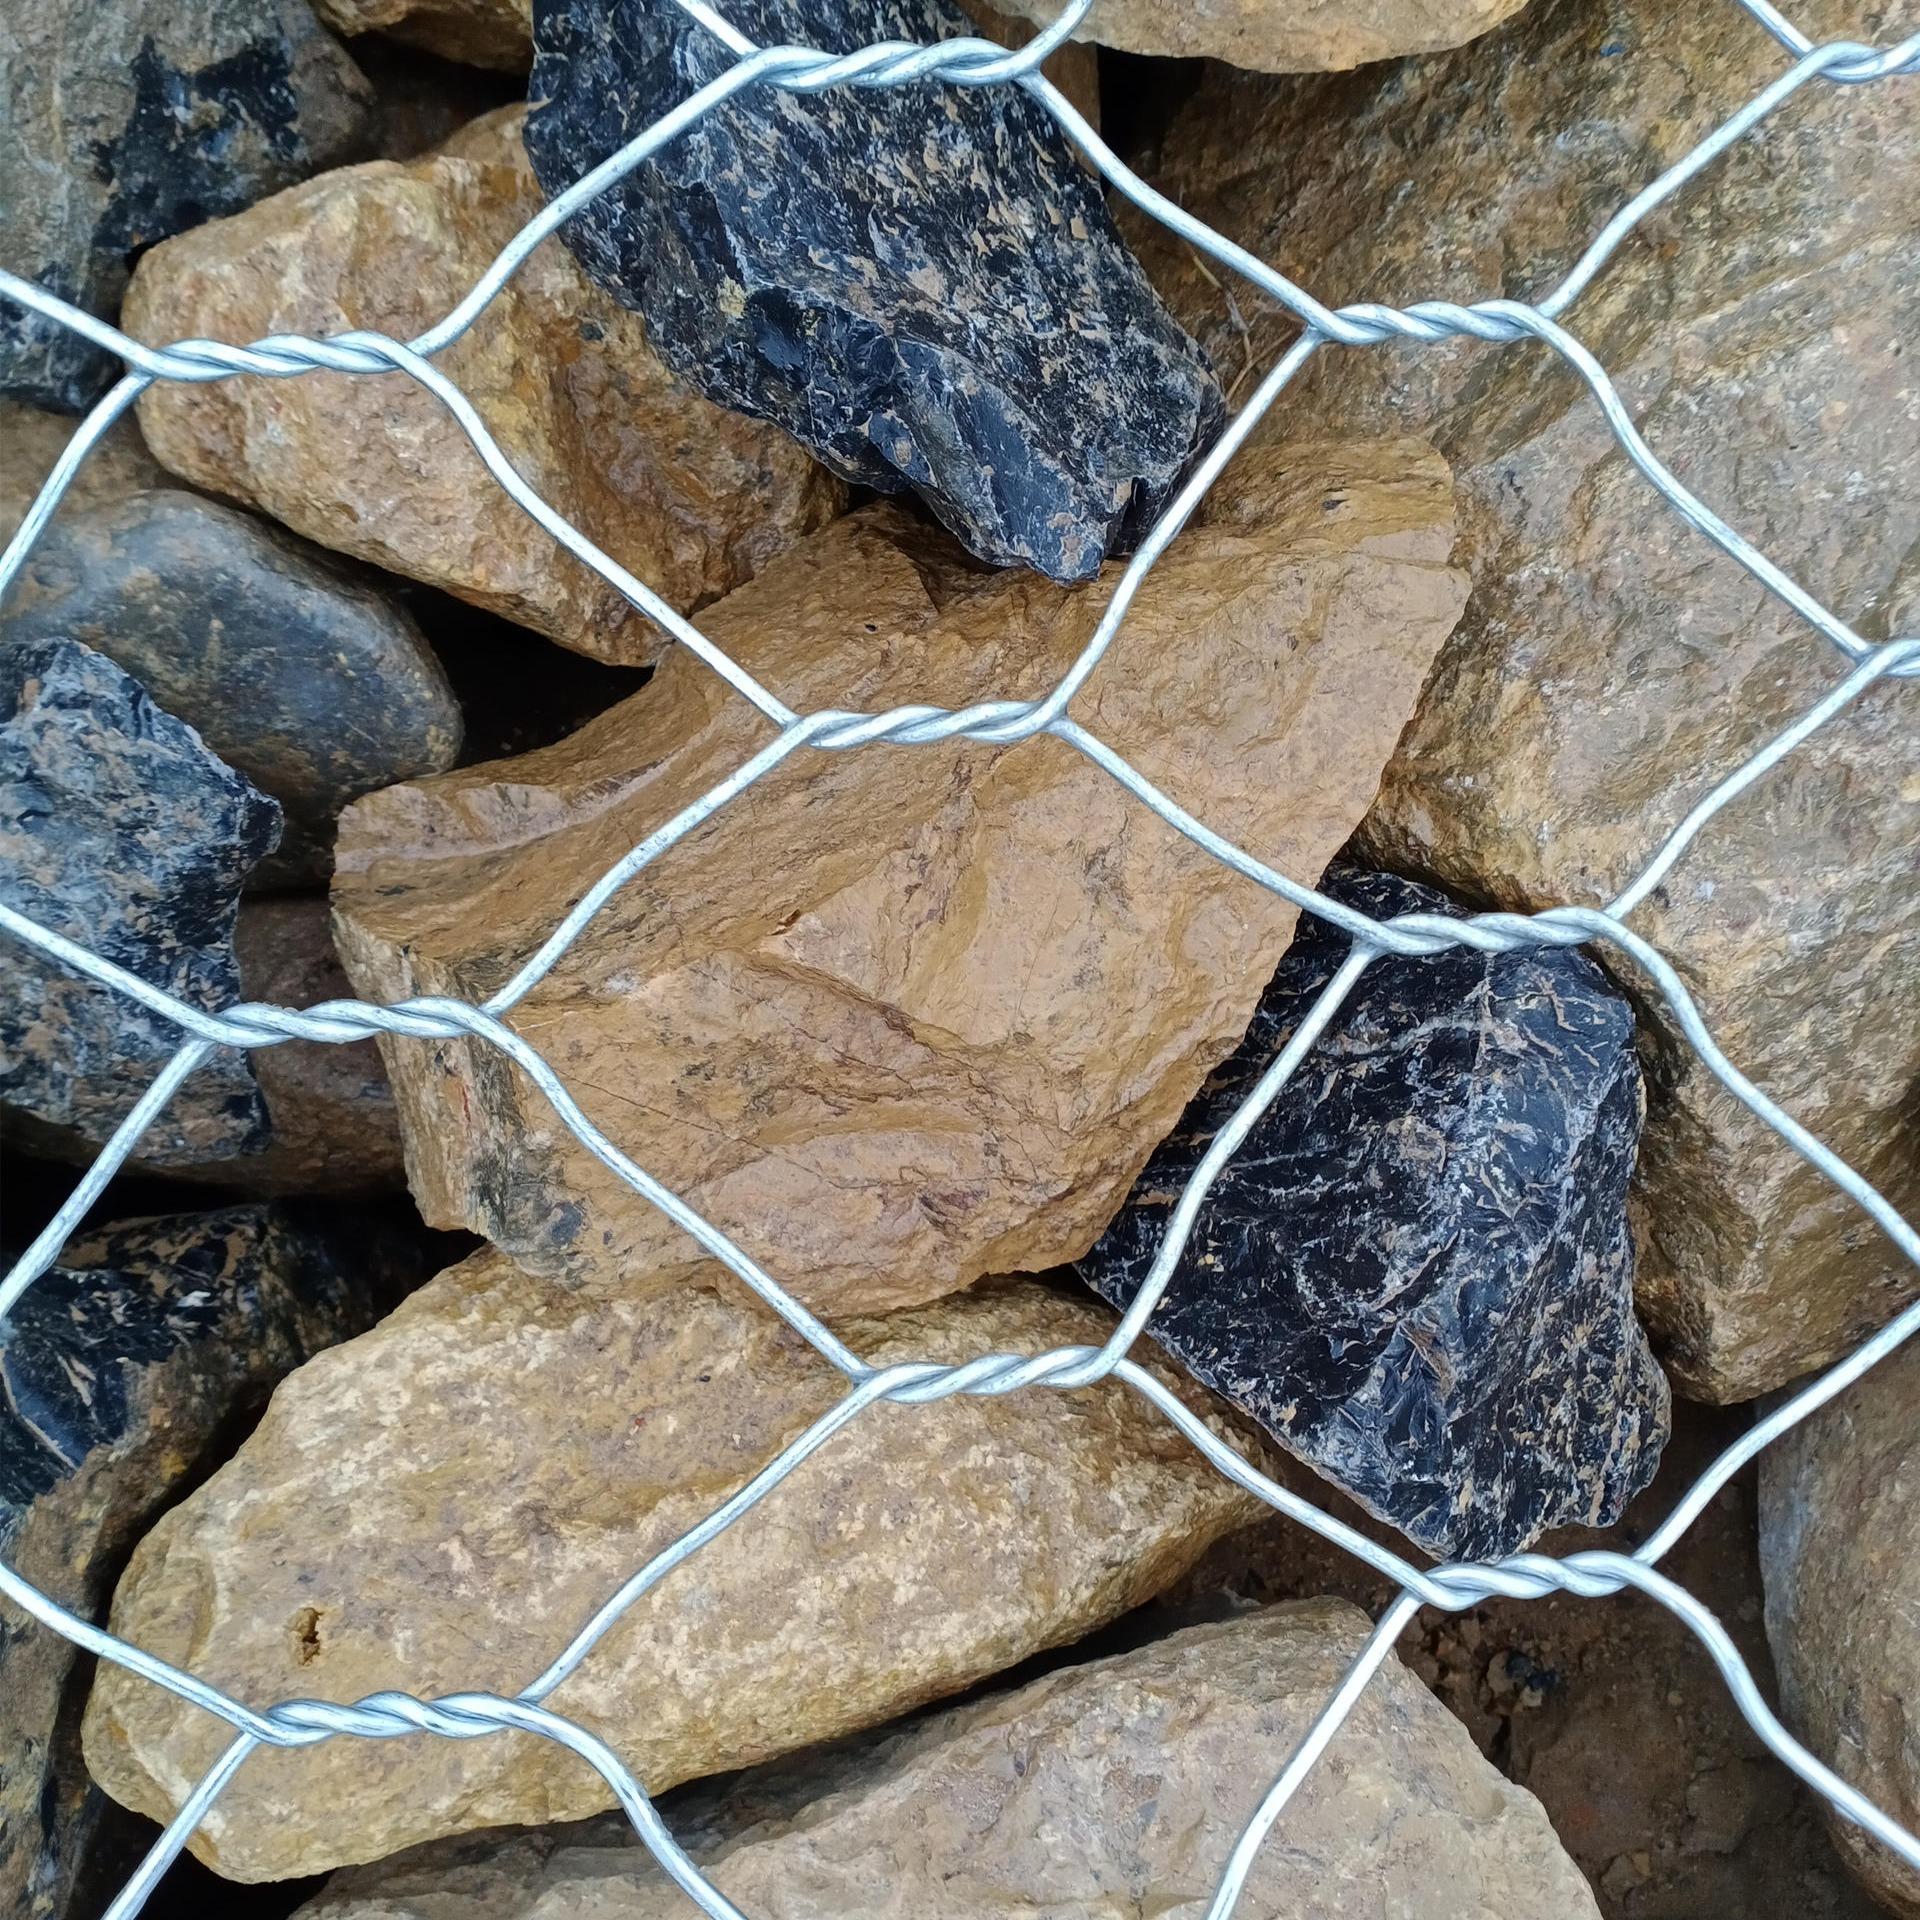 石籠網 格賓網 格賓石籠網 鍍鋅石籠網 鍍鋅格賓網 濱鑫絲網 源頭工廠直銷